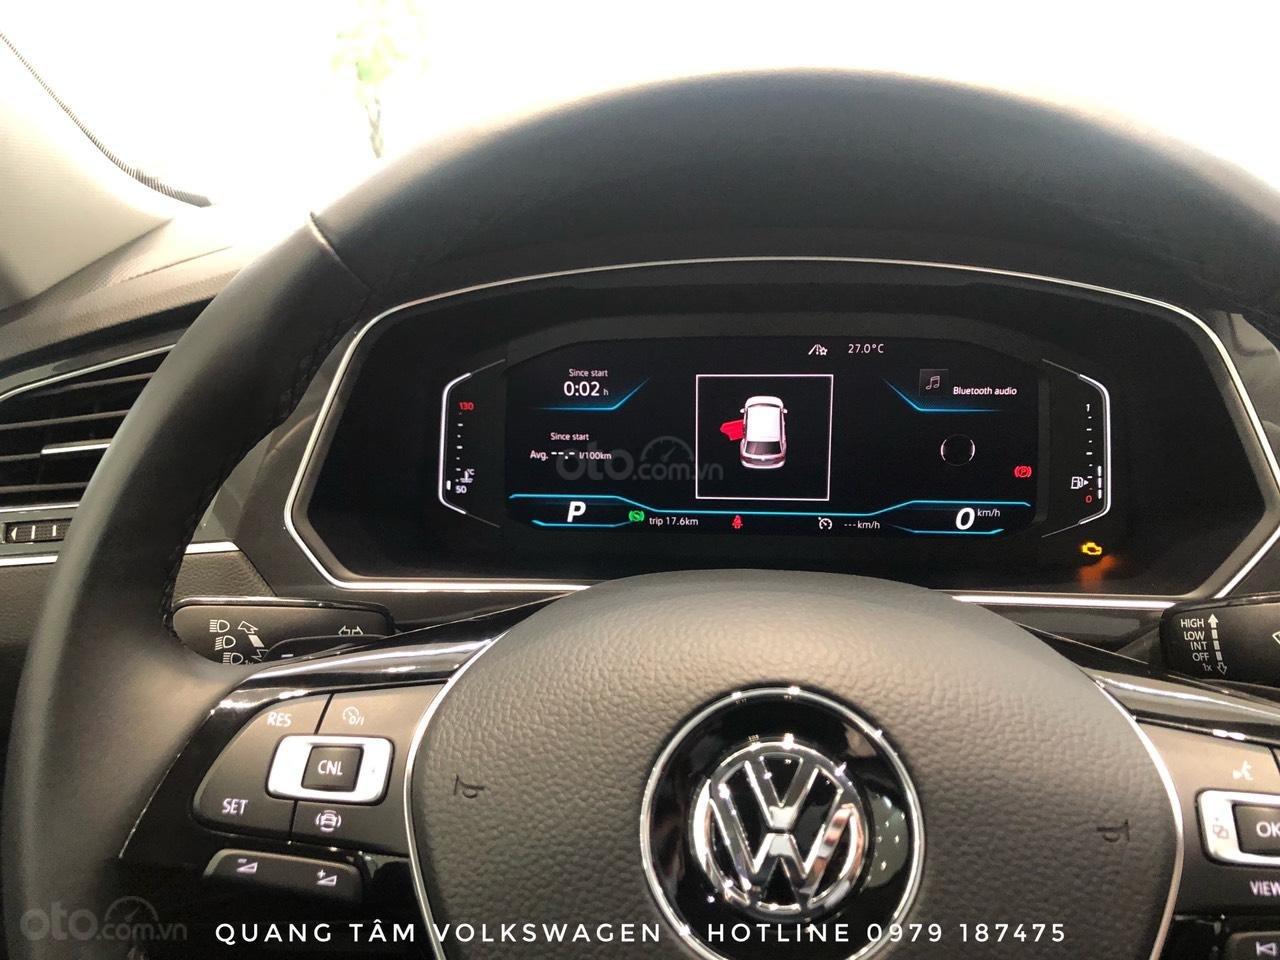 Volkswagen Tiguan Luxury đỏ ruby may mắn, ưu đãi khủng + giao ngay (11)